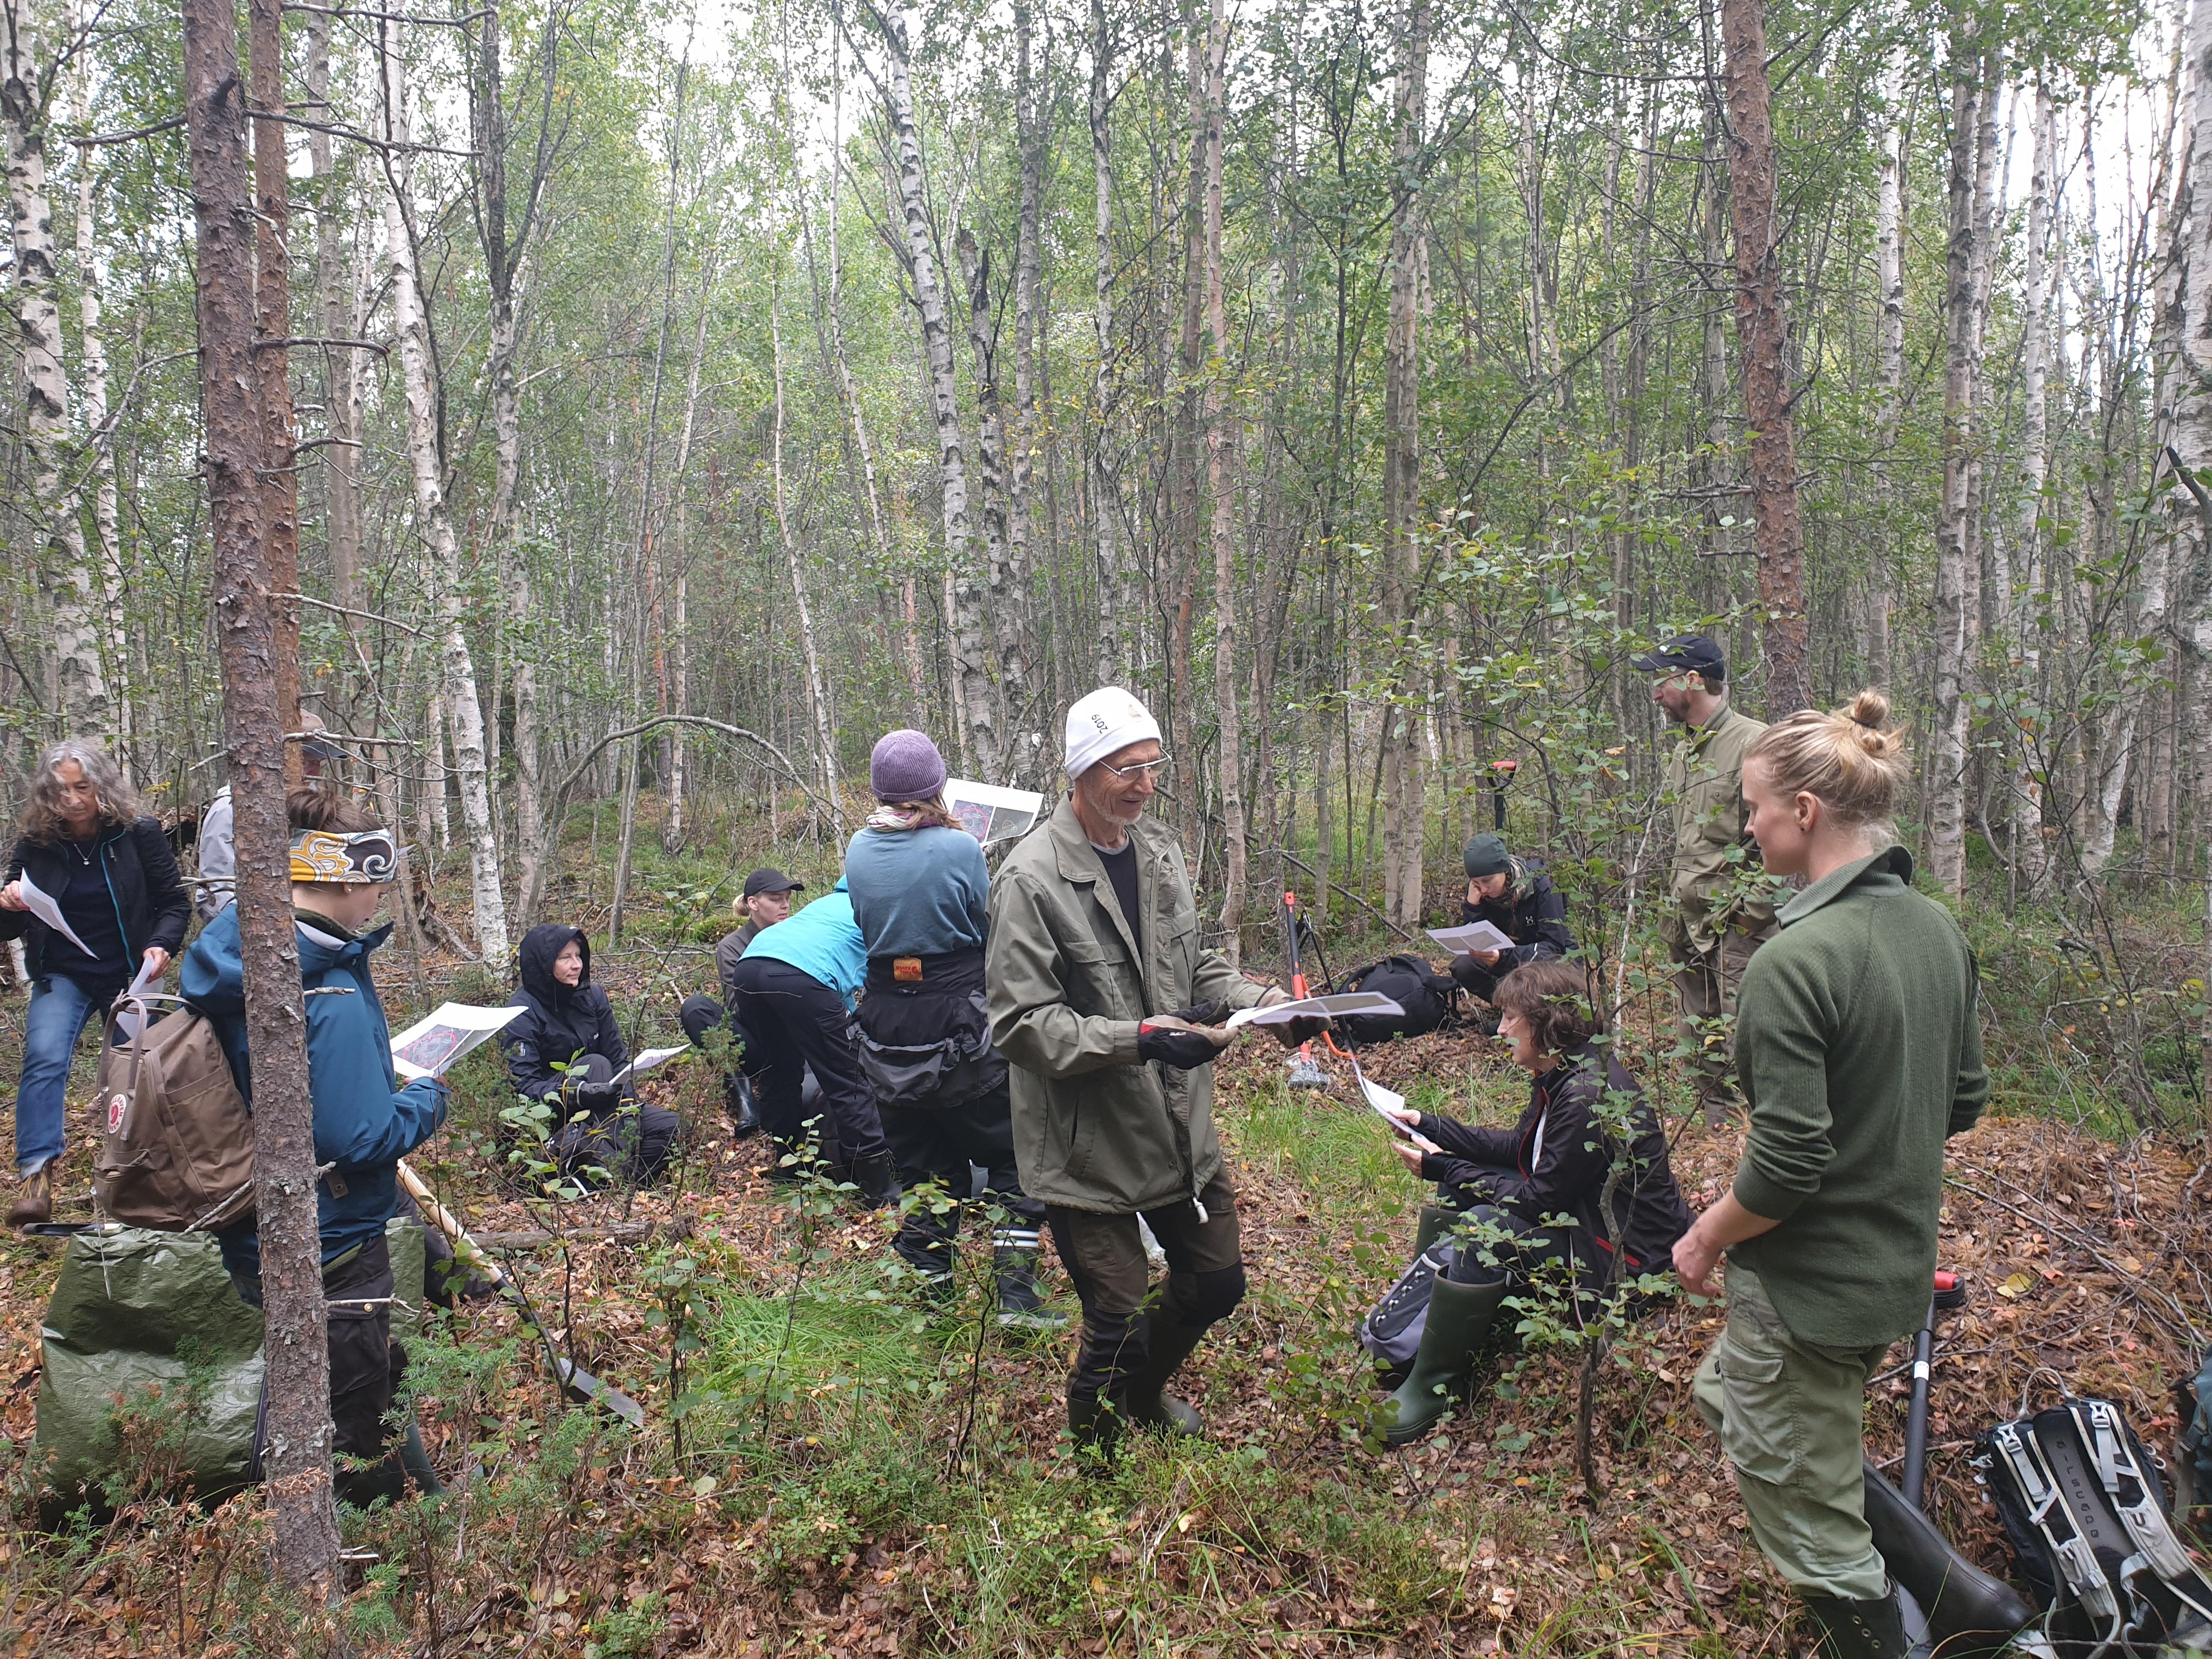 Väl på plats hade vi genomgång av dagen, kikade på kartor och tog del av Luleå kommuns fortsatta arbete i området.